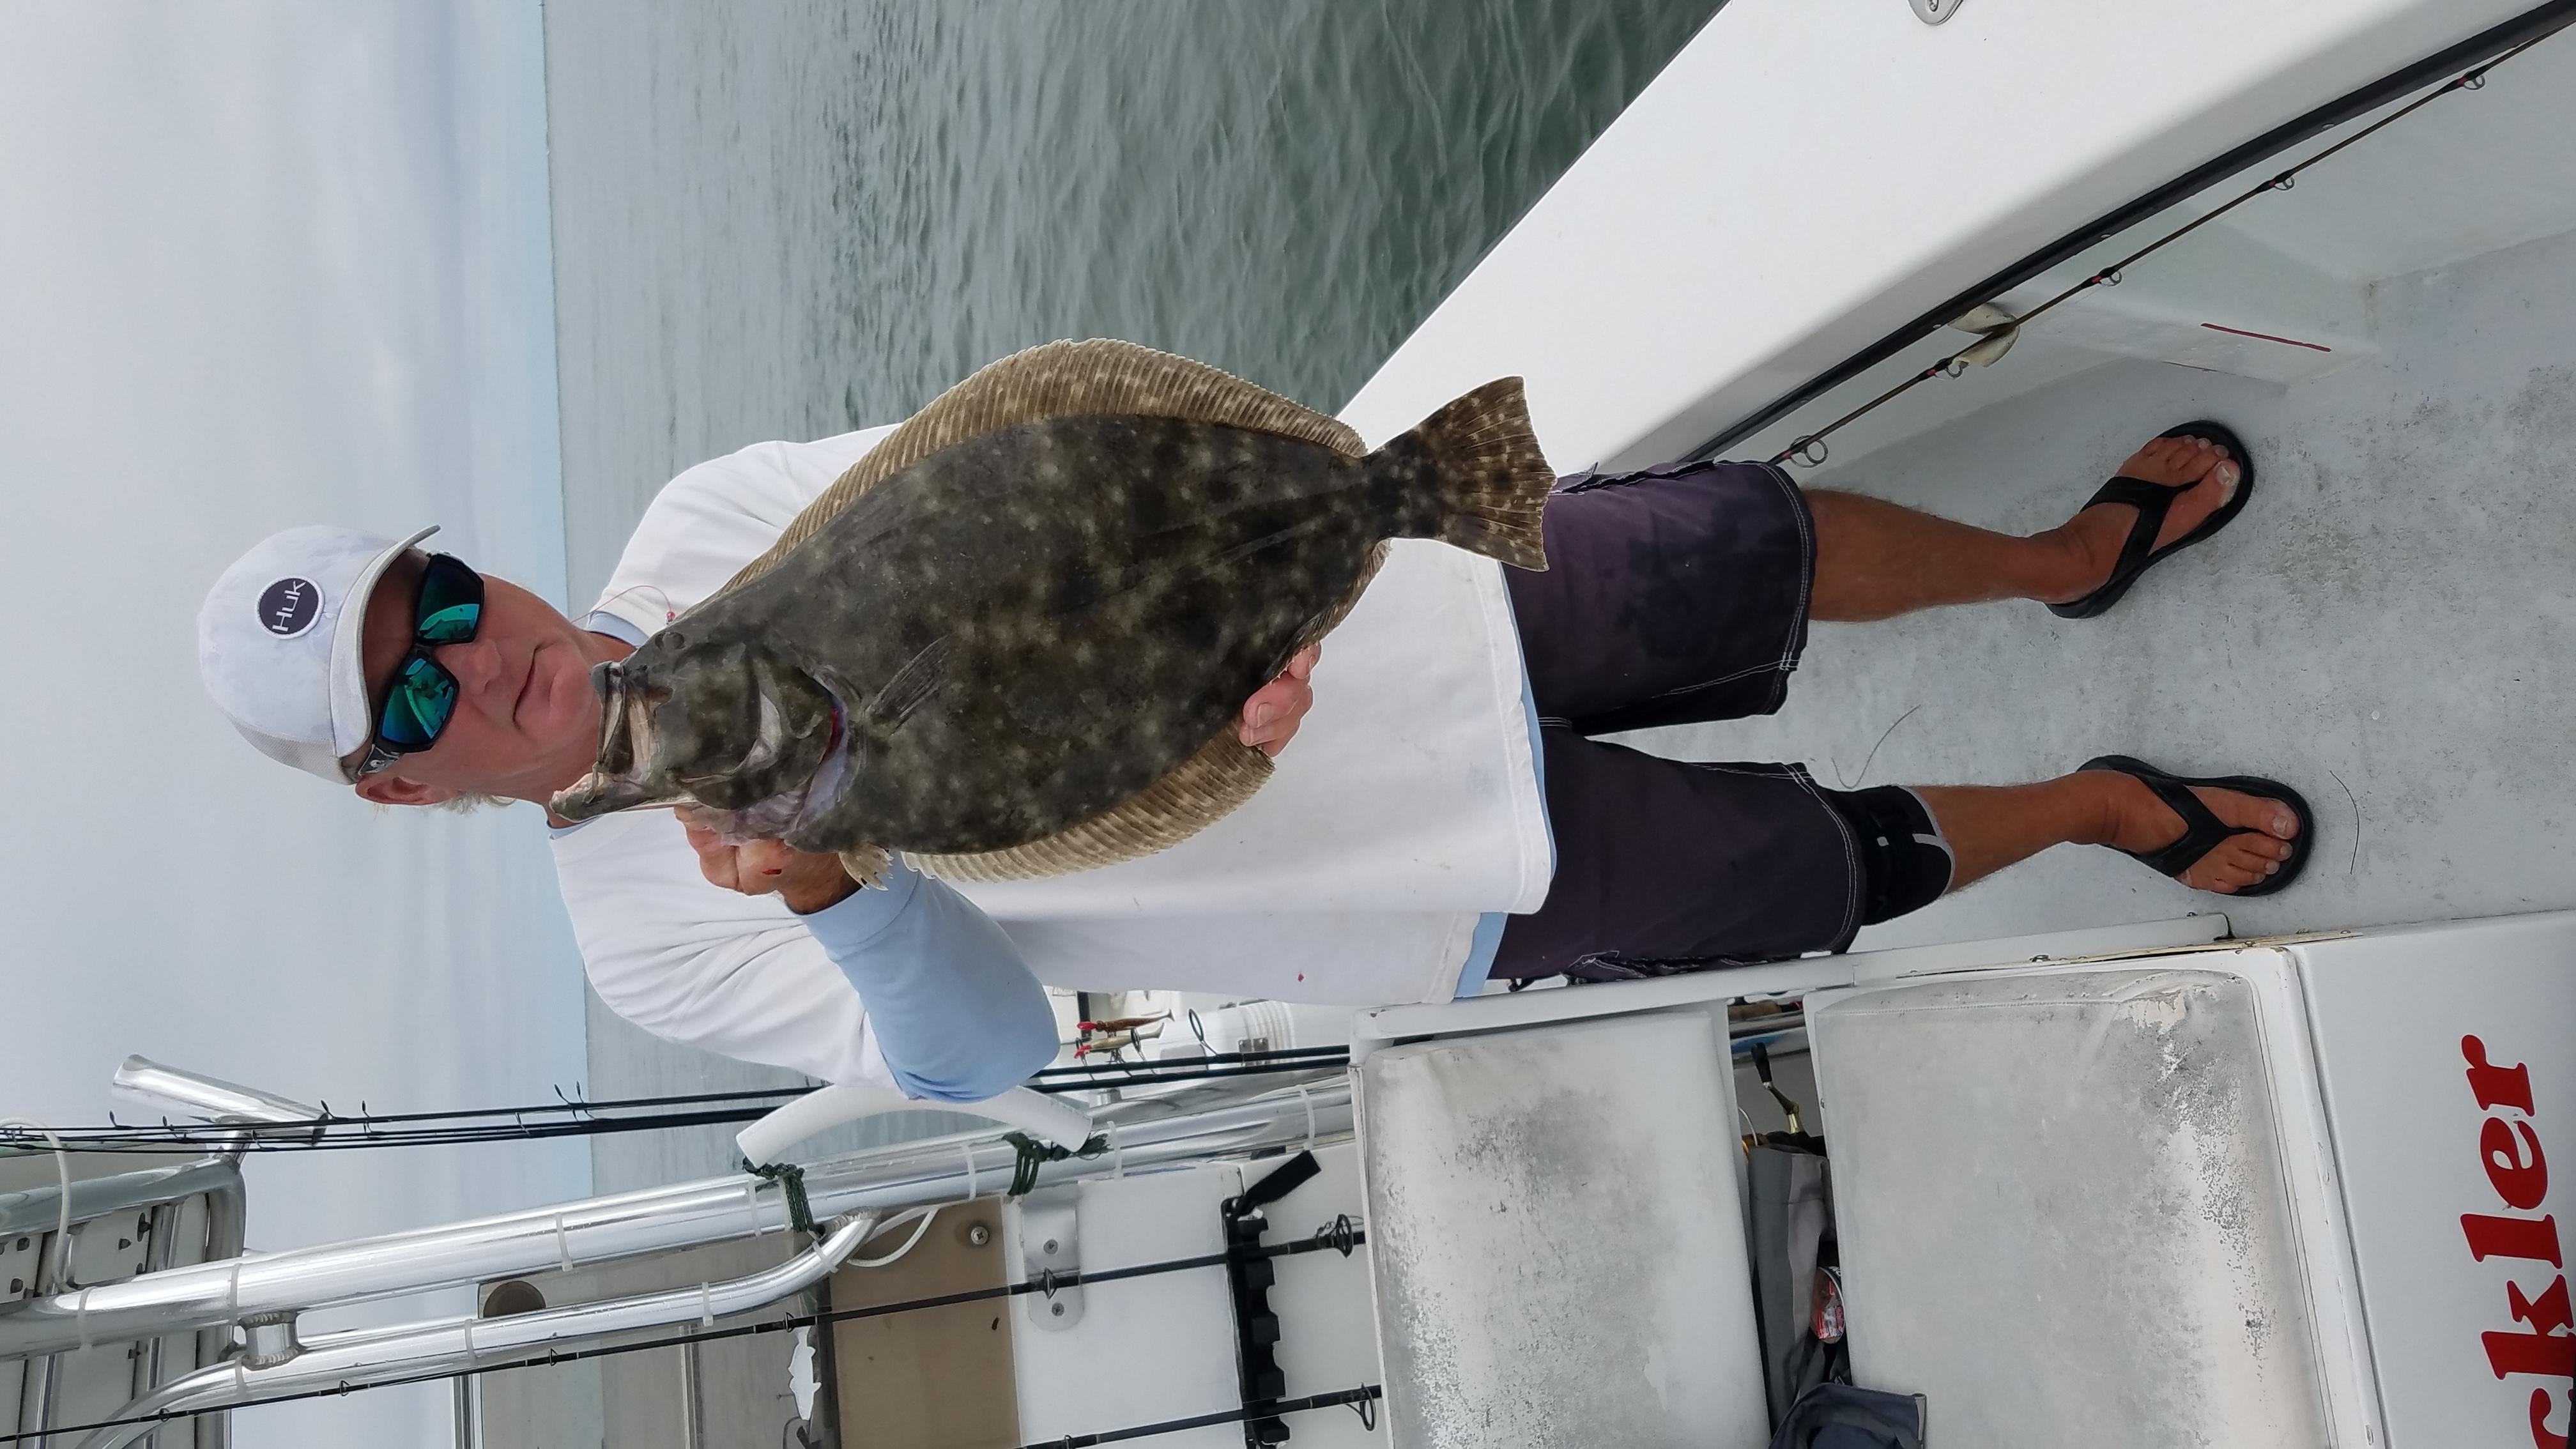 Speck-Tackler Fishing Flounder Release